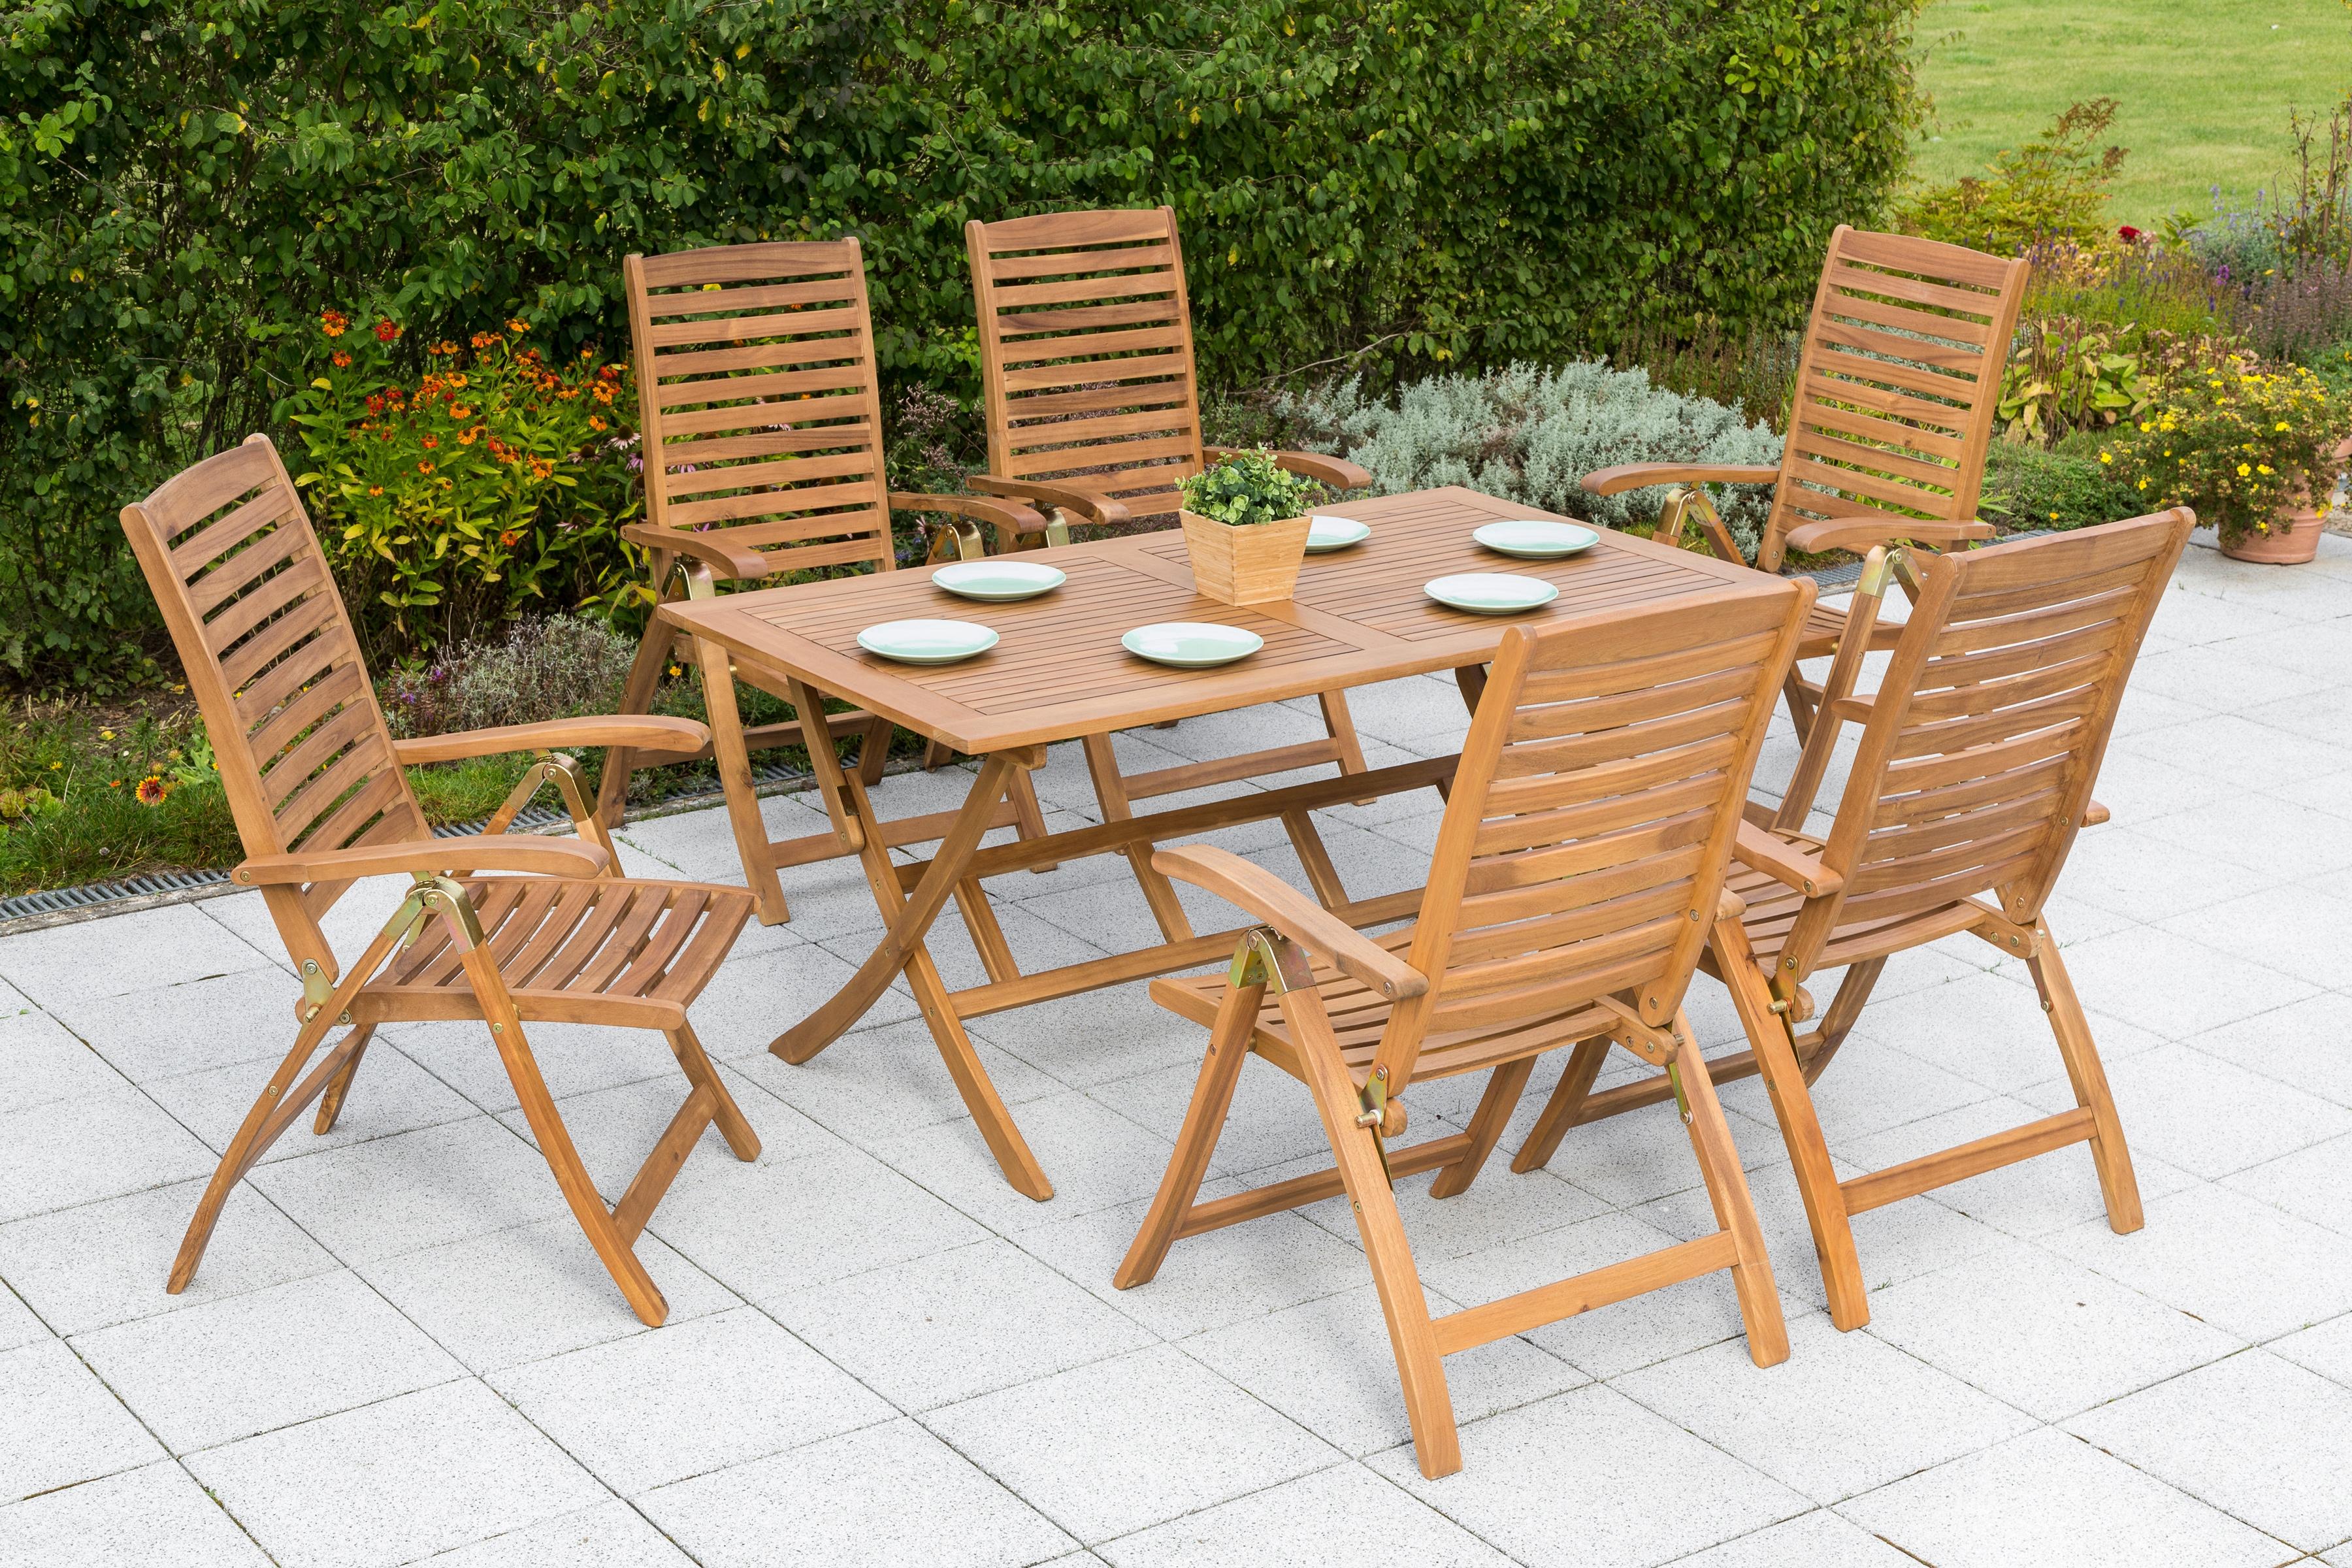 MERXX Gartenmöbelset Paraiba 7-tlg 6 Klappsessel Tisch 200x100 cm Akazie klappbar